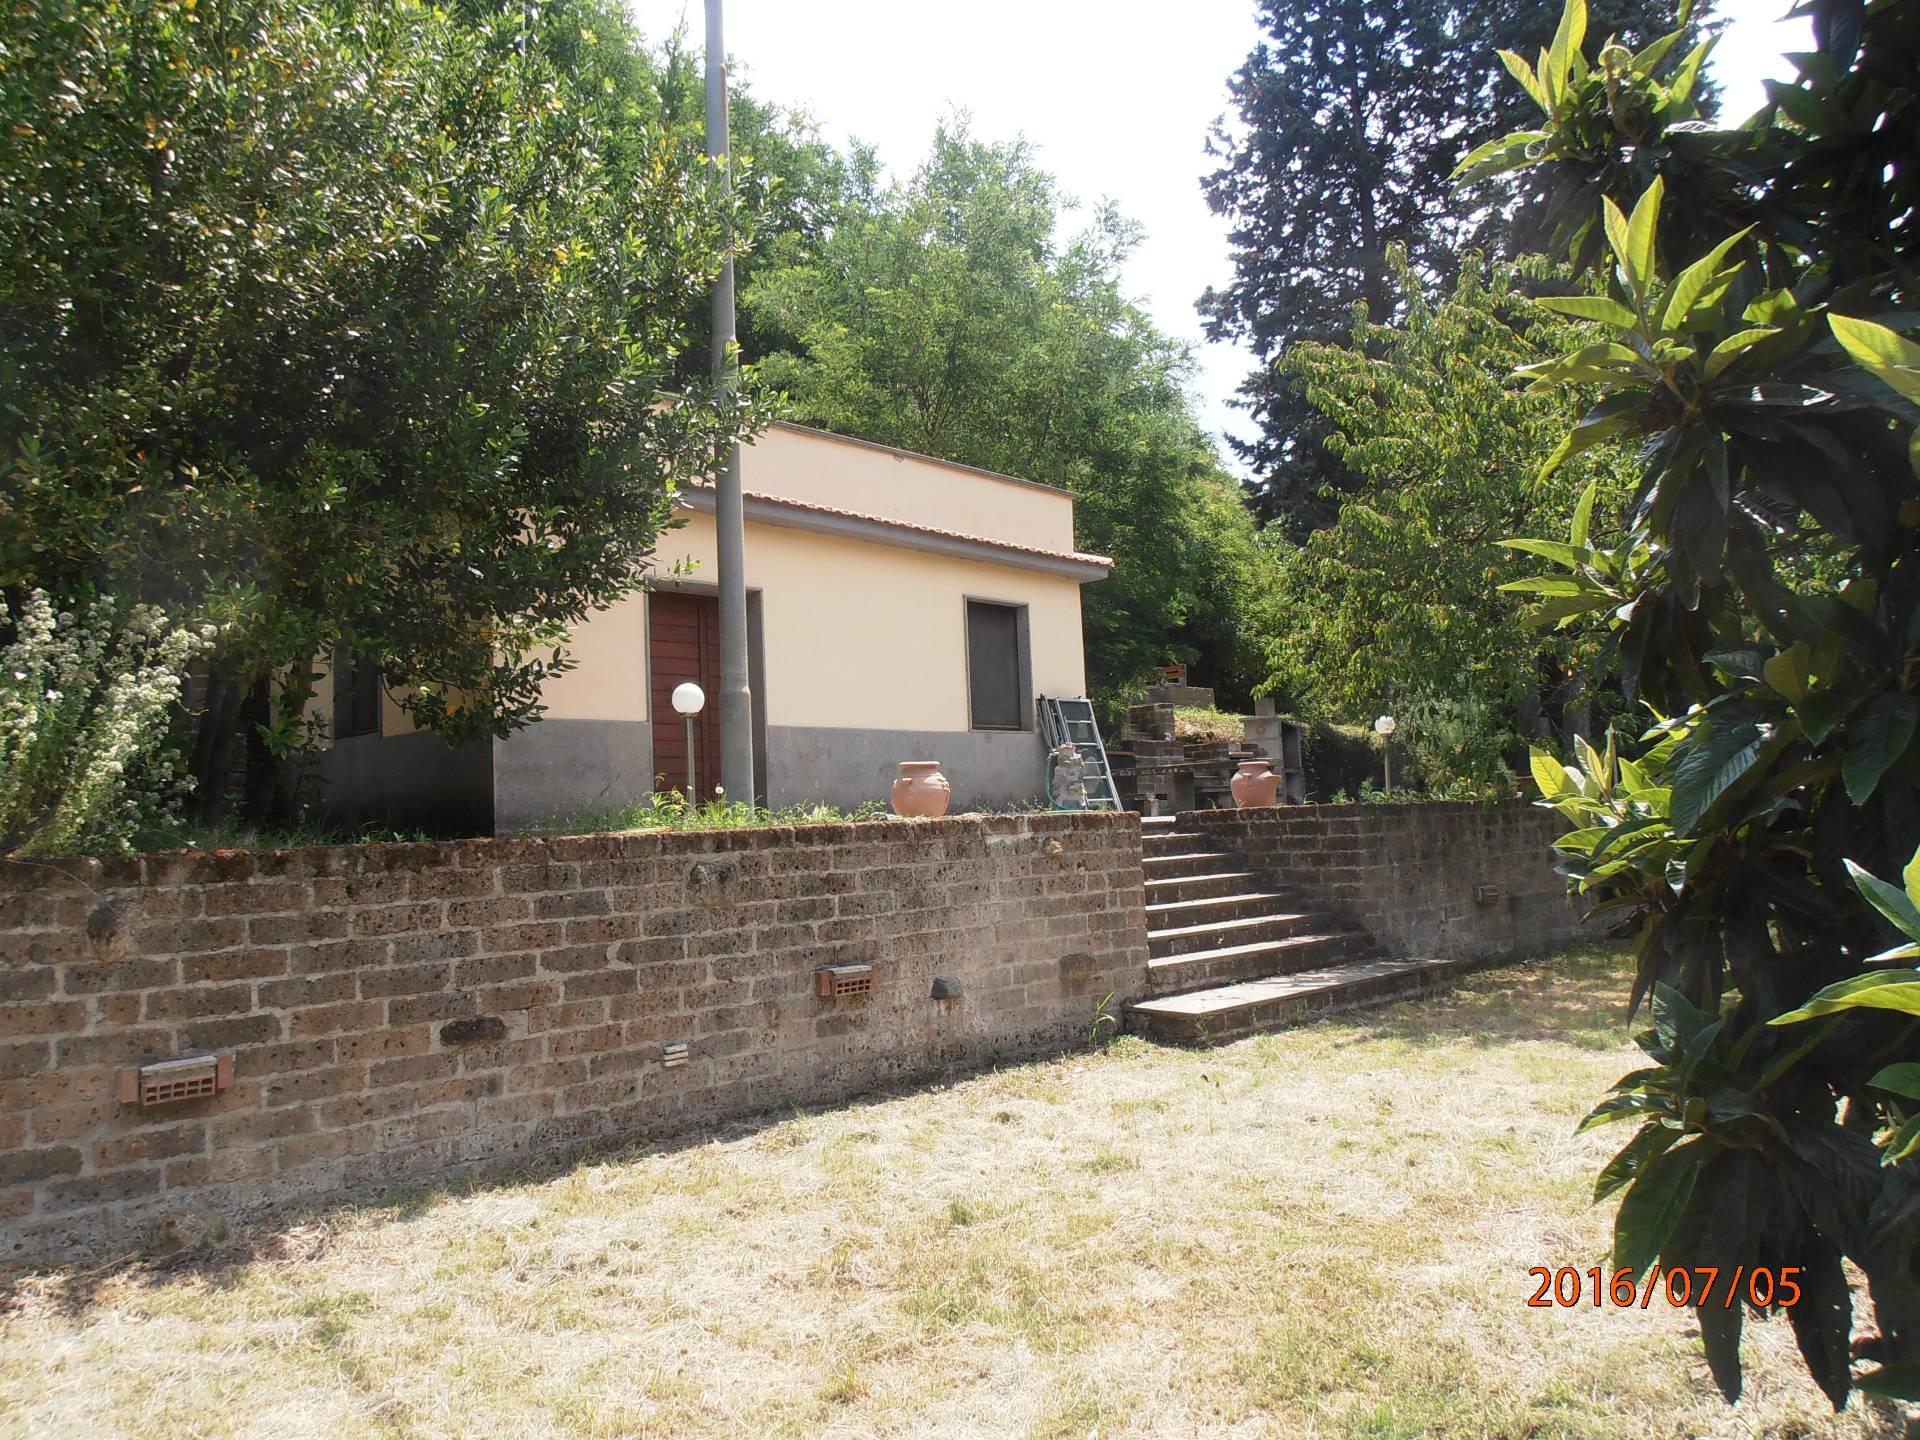 Soluzione Indipendente in vendita a Viterbo, 1 locali, zona Zona: Bagnaia, prezzo € 65.000 | Cambio Casa.it